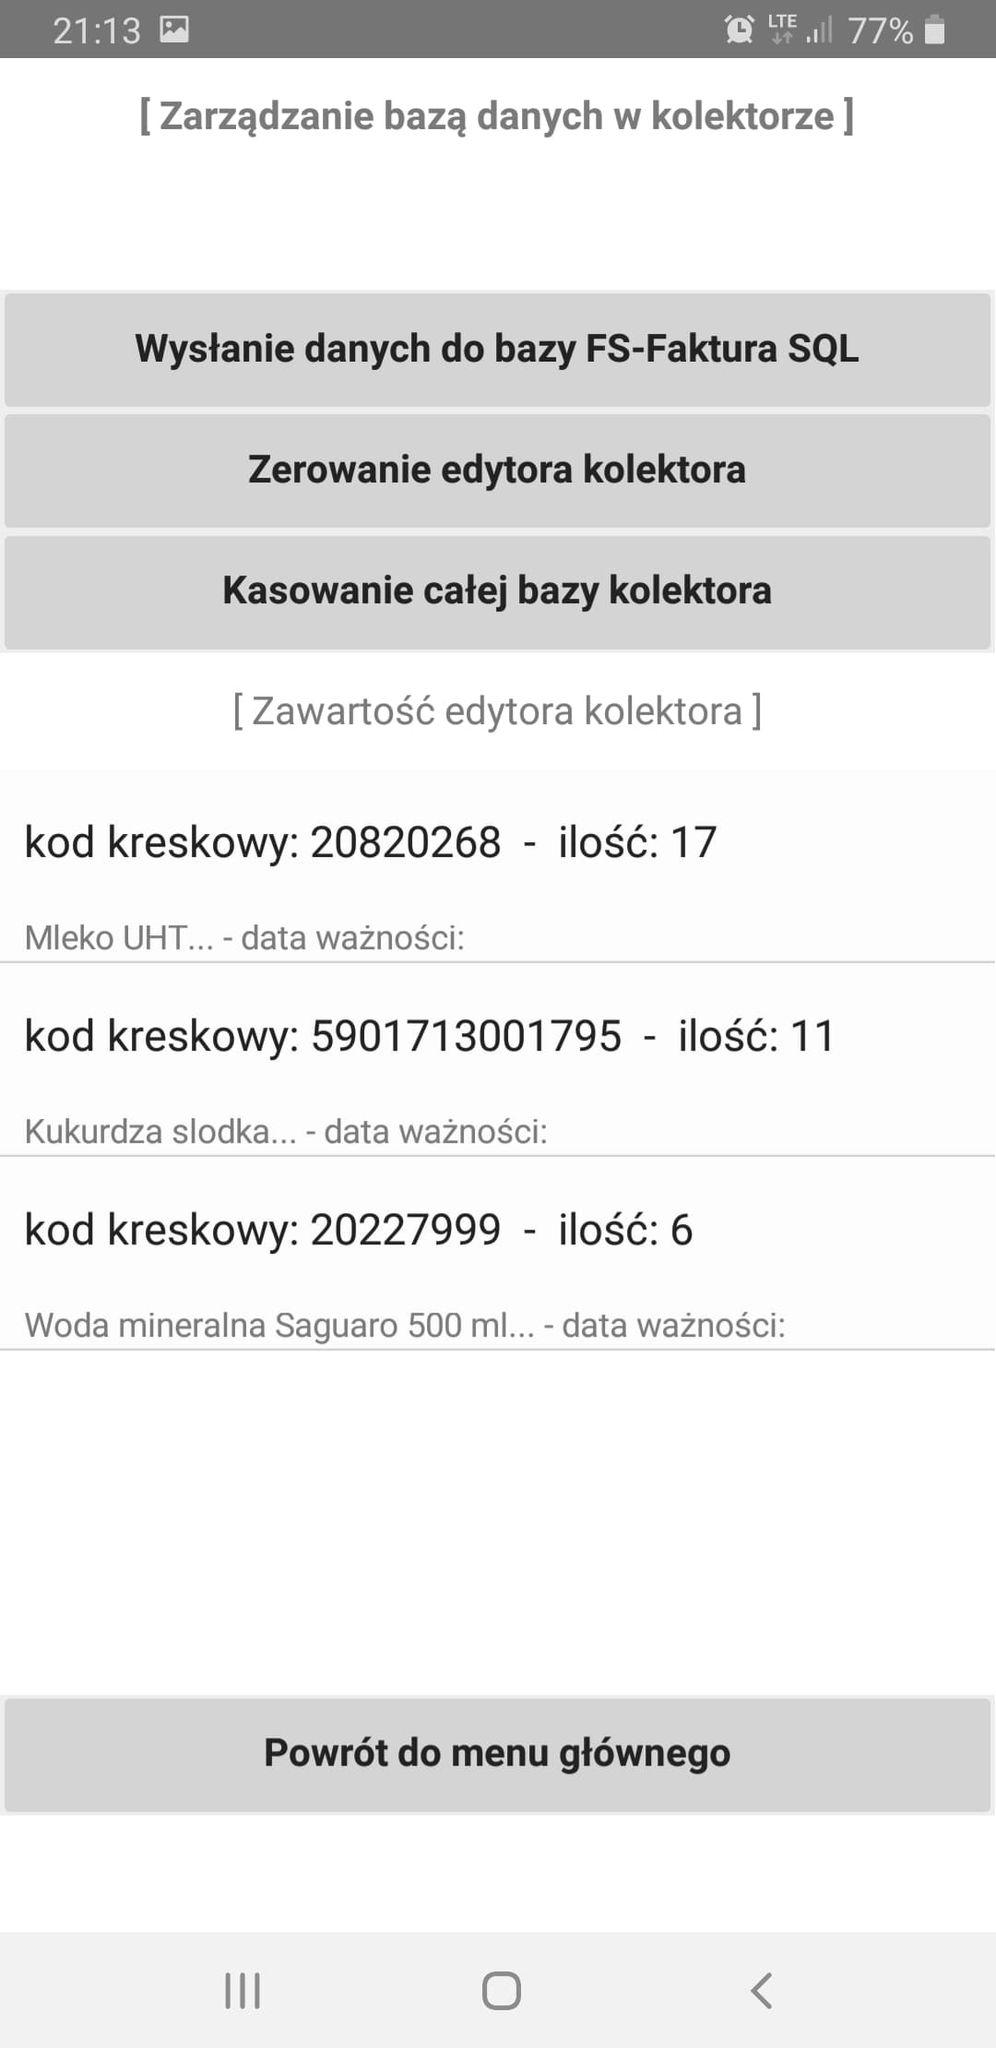 FlySoft.pl